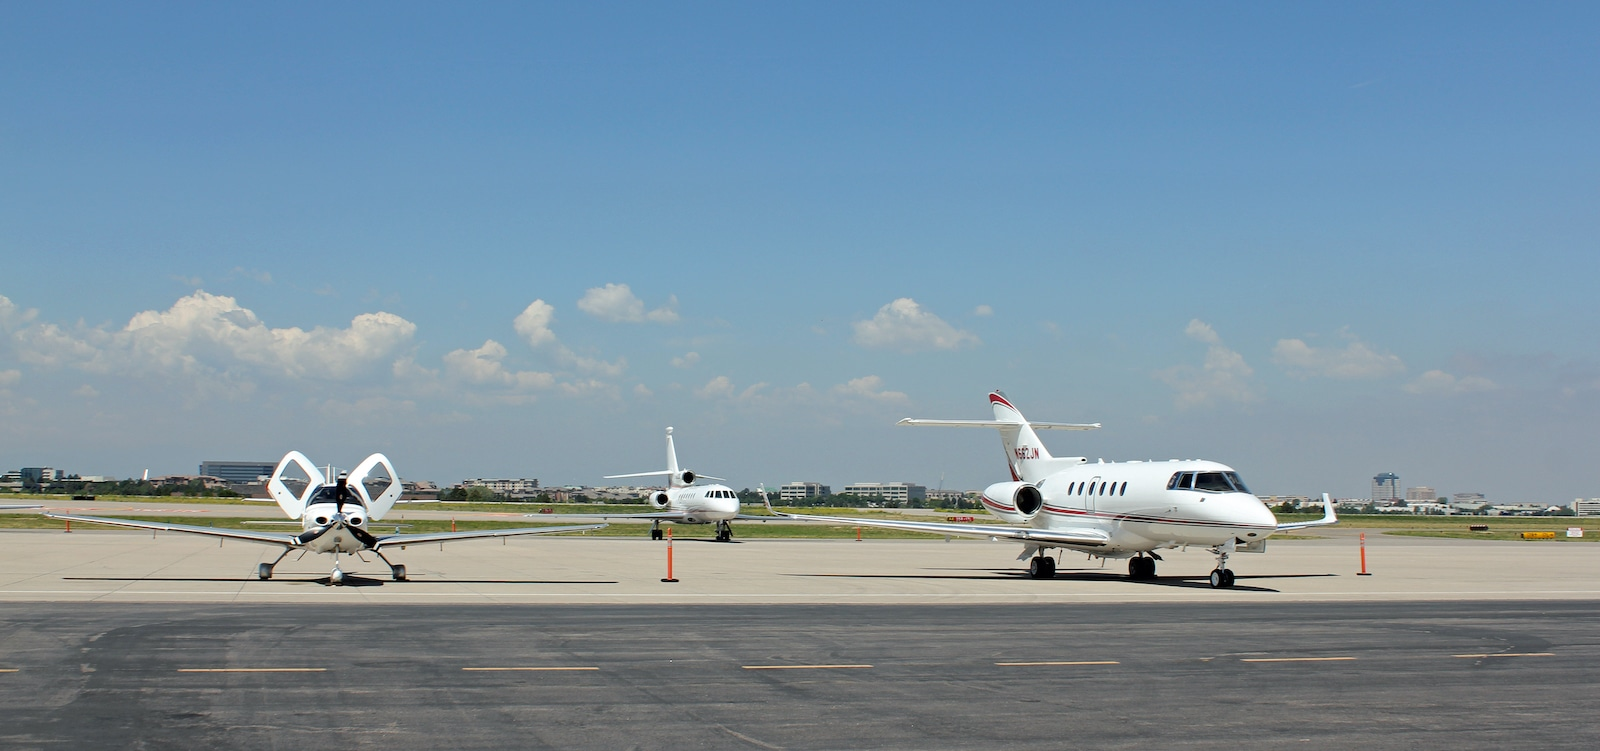 Centennial Airport Colorado Planes